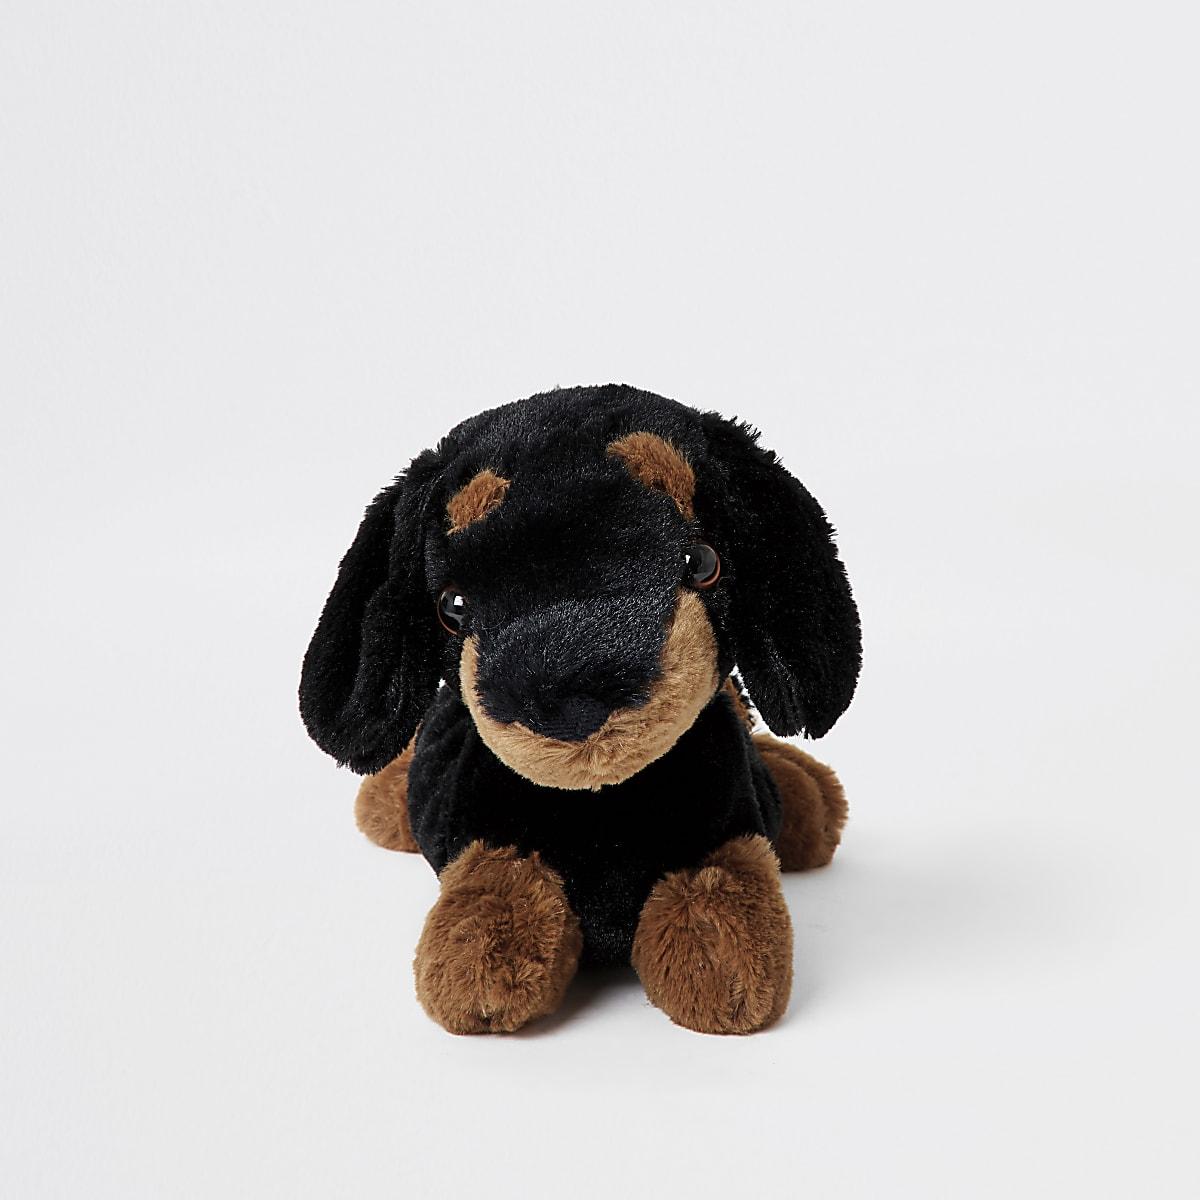 Dudley de teckel knuffel